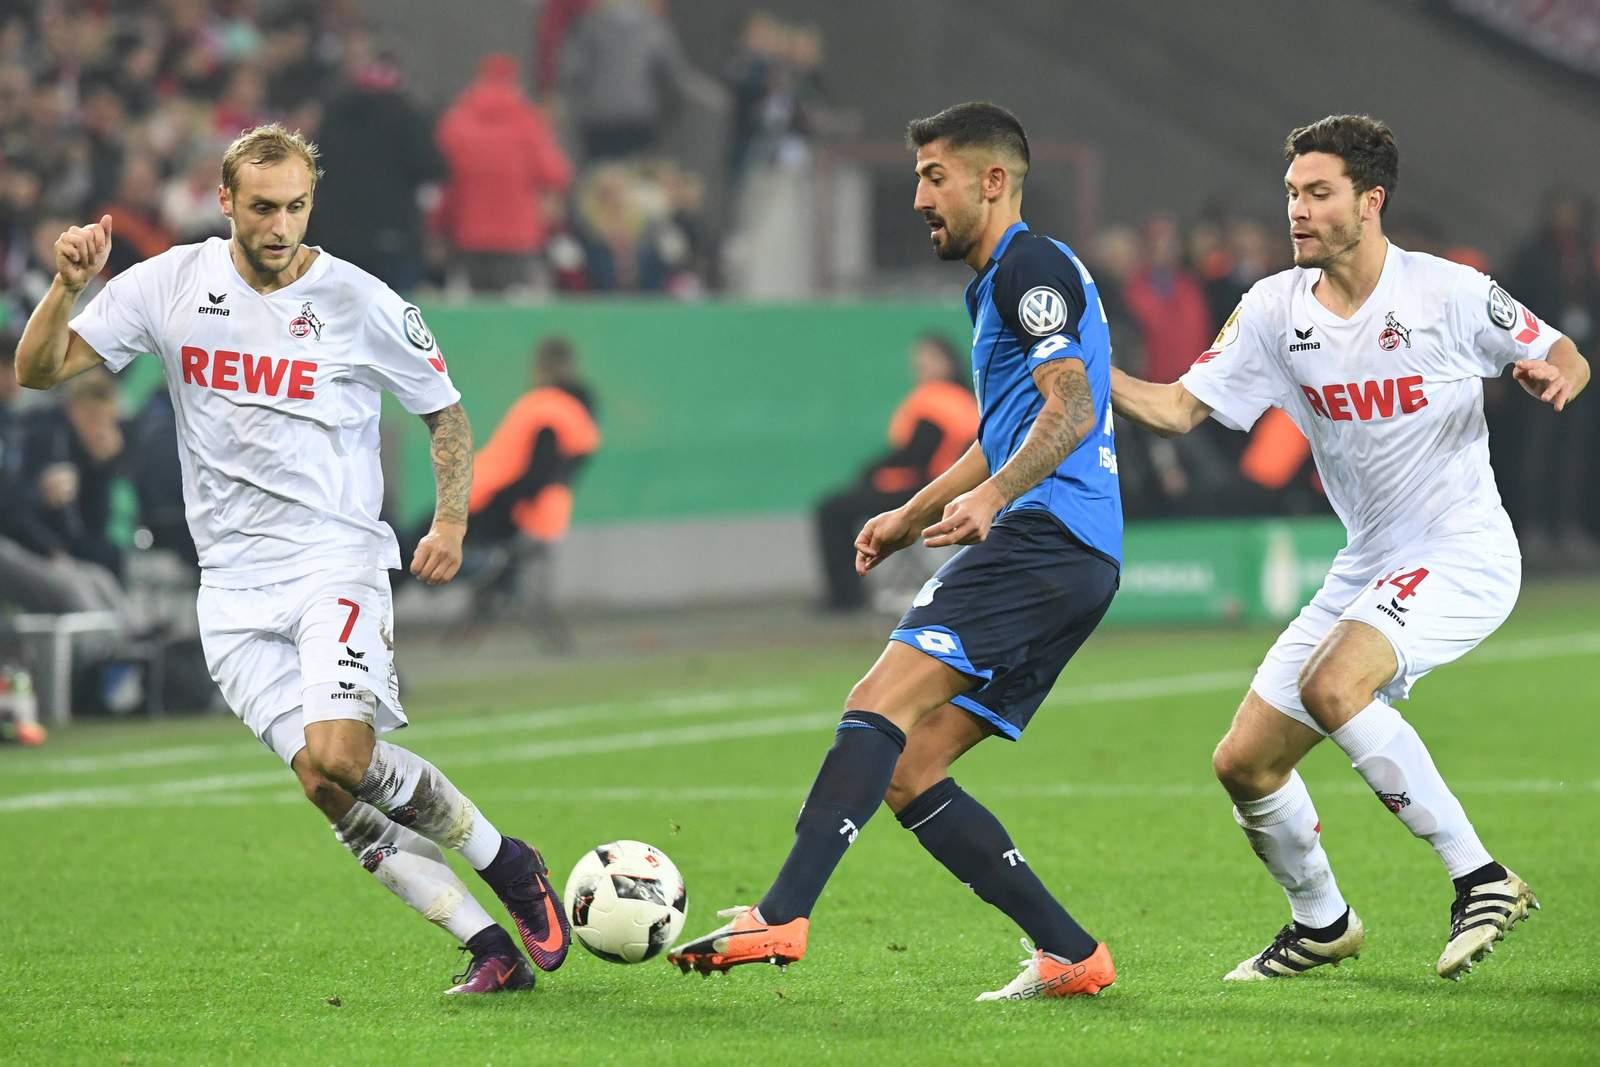 Setzt sich Demirbay mit seiner TSG gegen Köln durch? Jetzt auf Köln gegen Hoffenheim wetten!